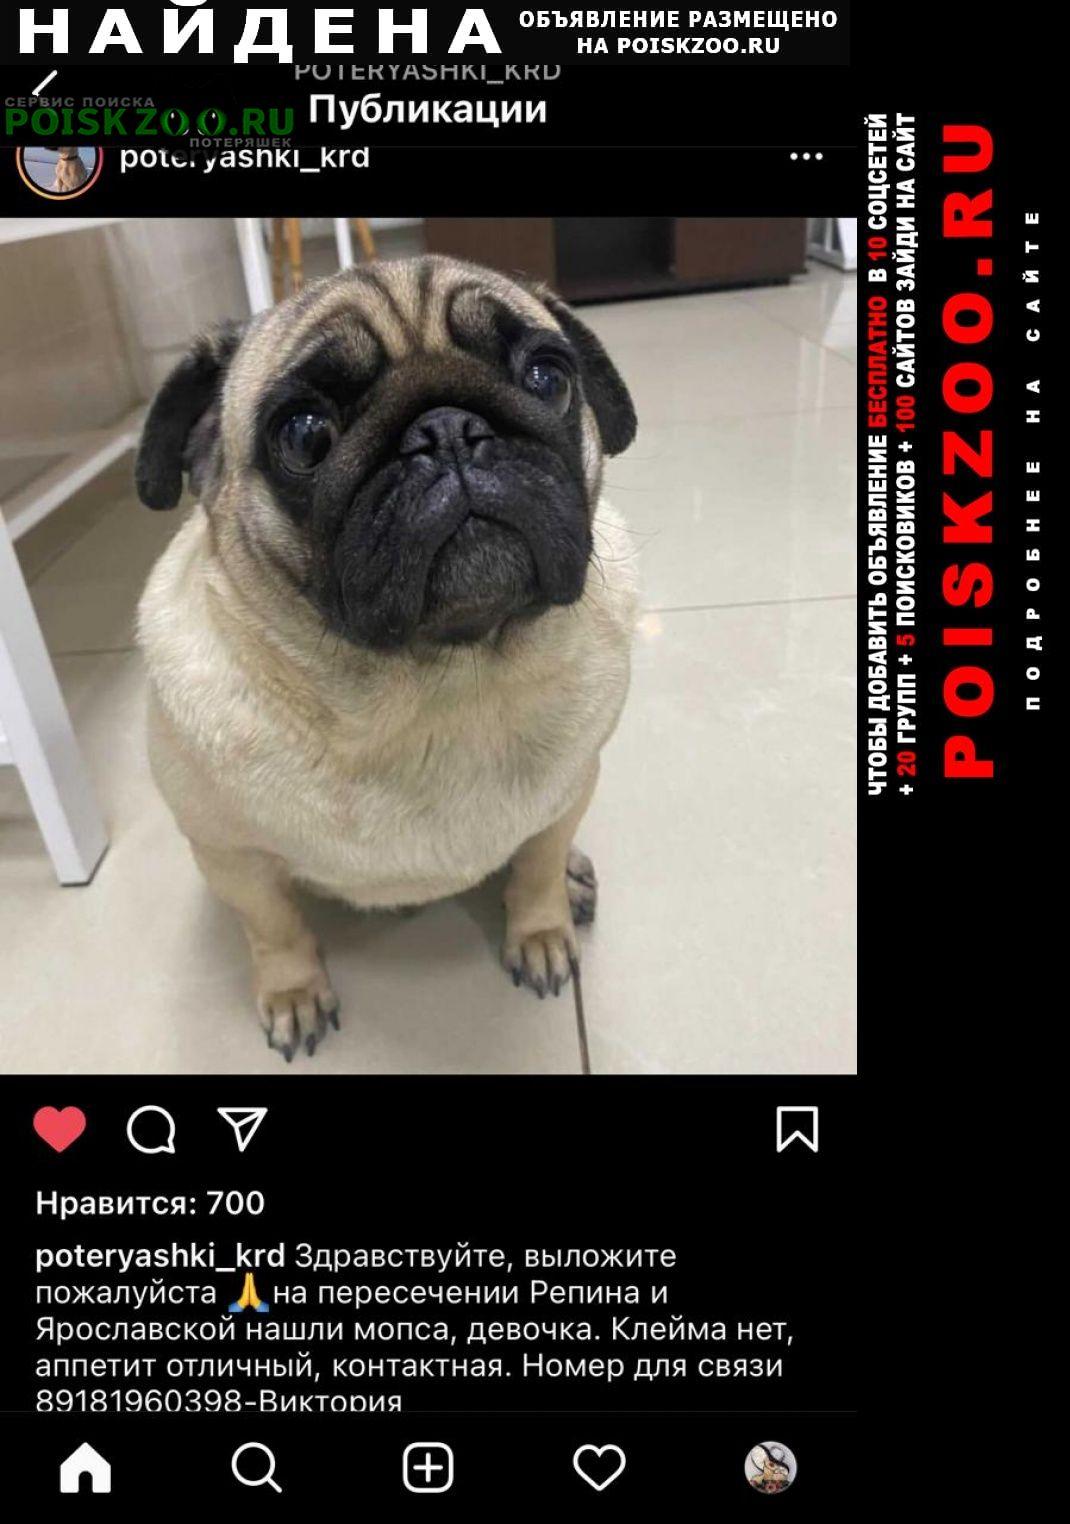 Найдена собака связь через эбц Краснодар